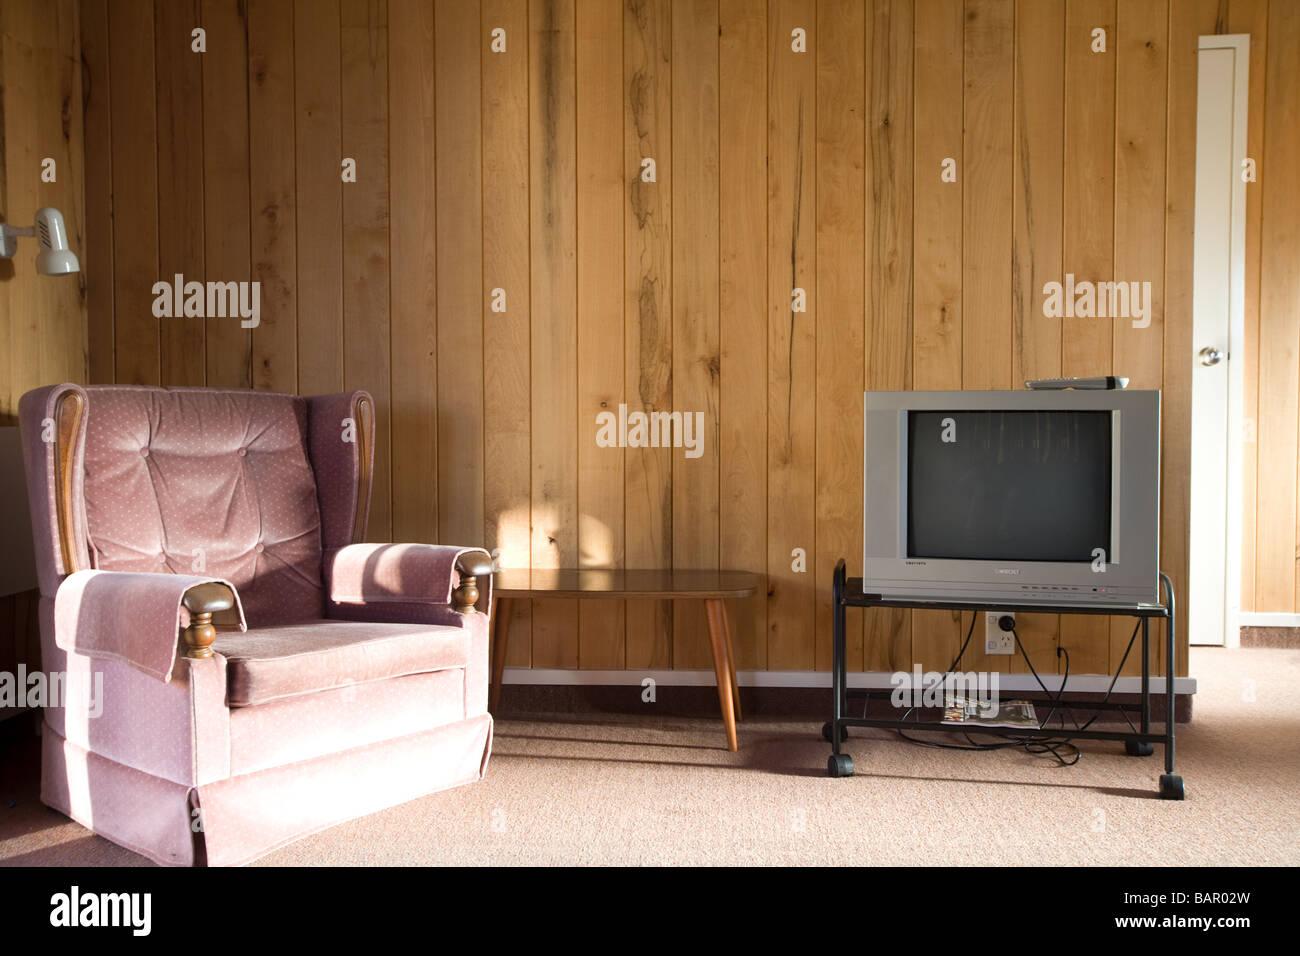 Interieur Aus Einem Einfachen Wohnzimmer Stockbild